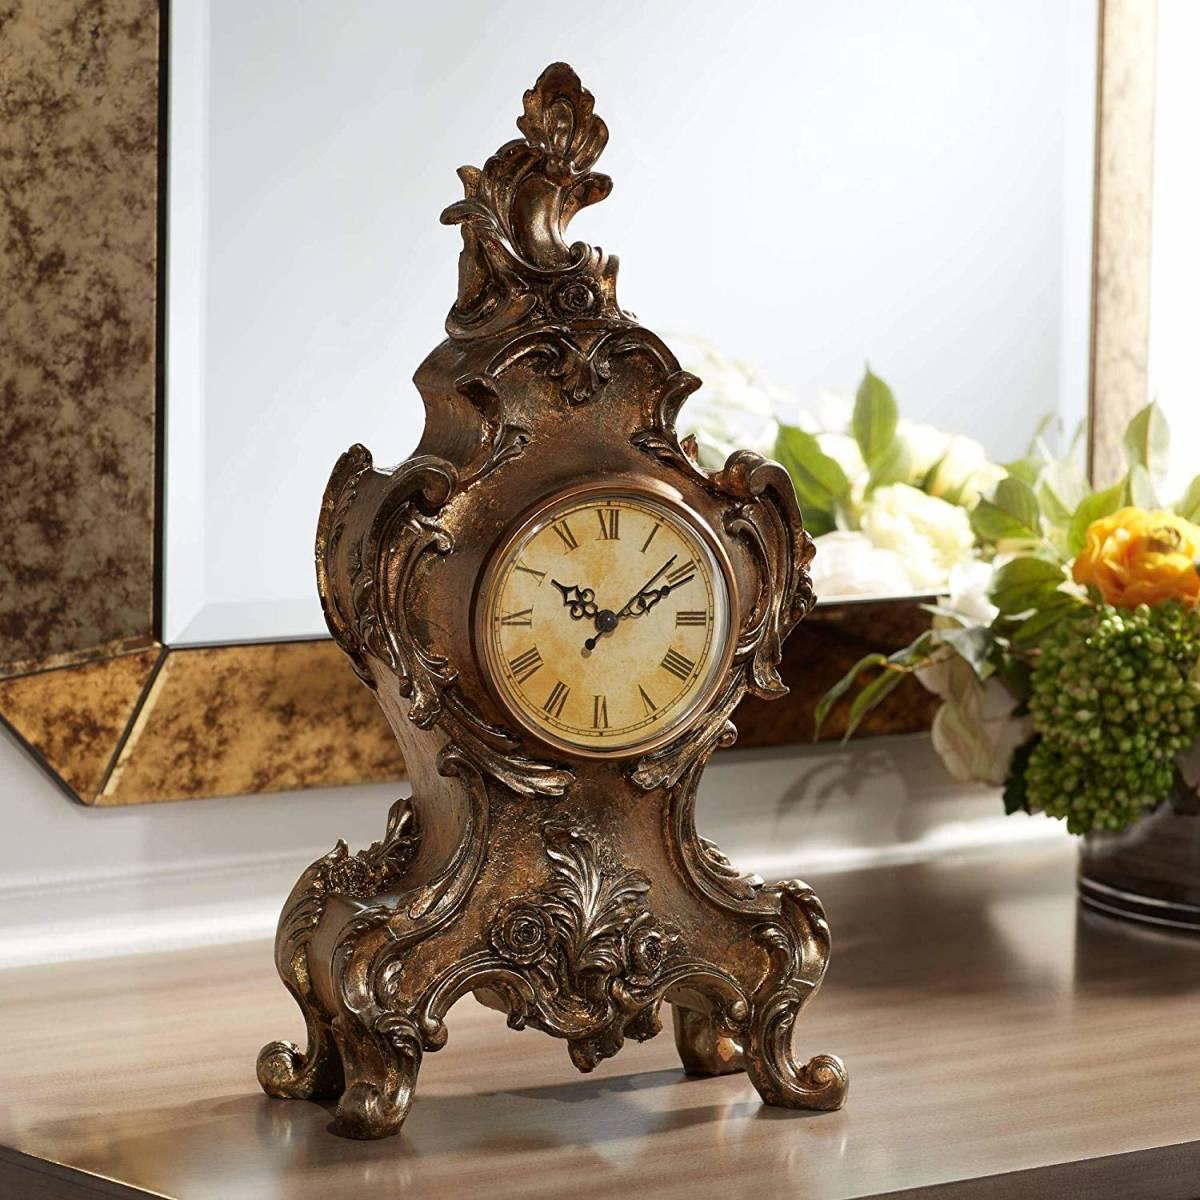 ケジントン・ヒル製 タイロン・ビンテージスタイル 置時計 レプリカ 彫刻像 装飾置物 彫像 高さ約41cm(輸入品)